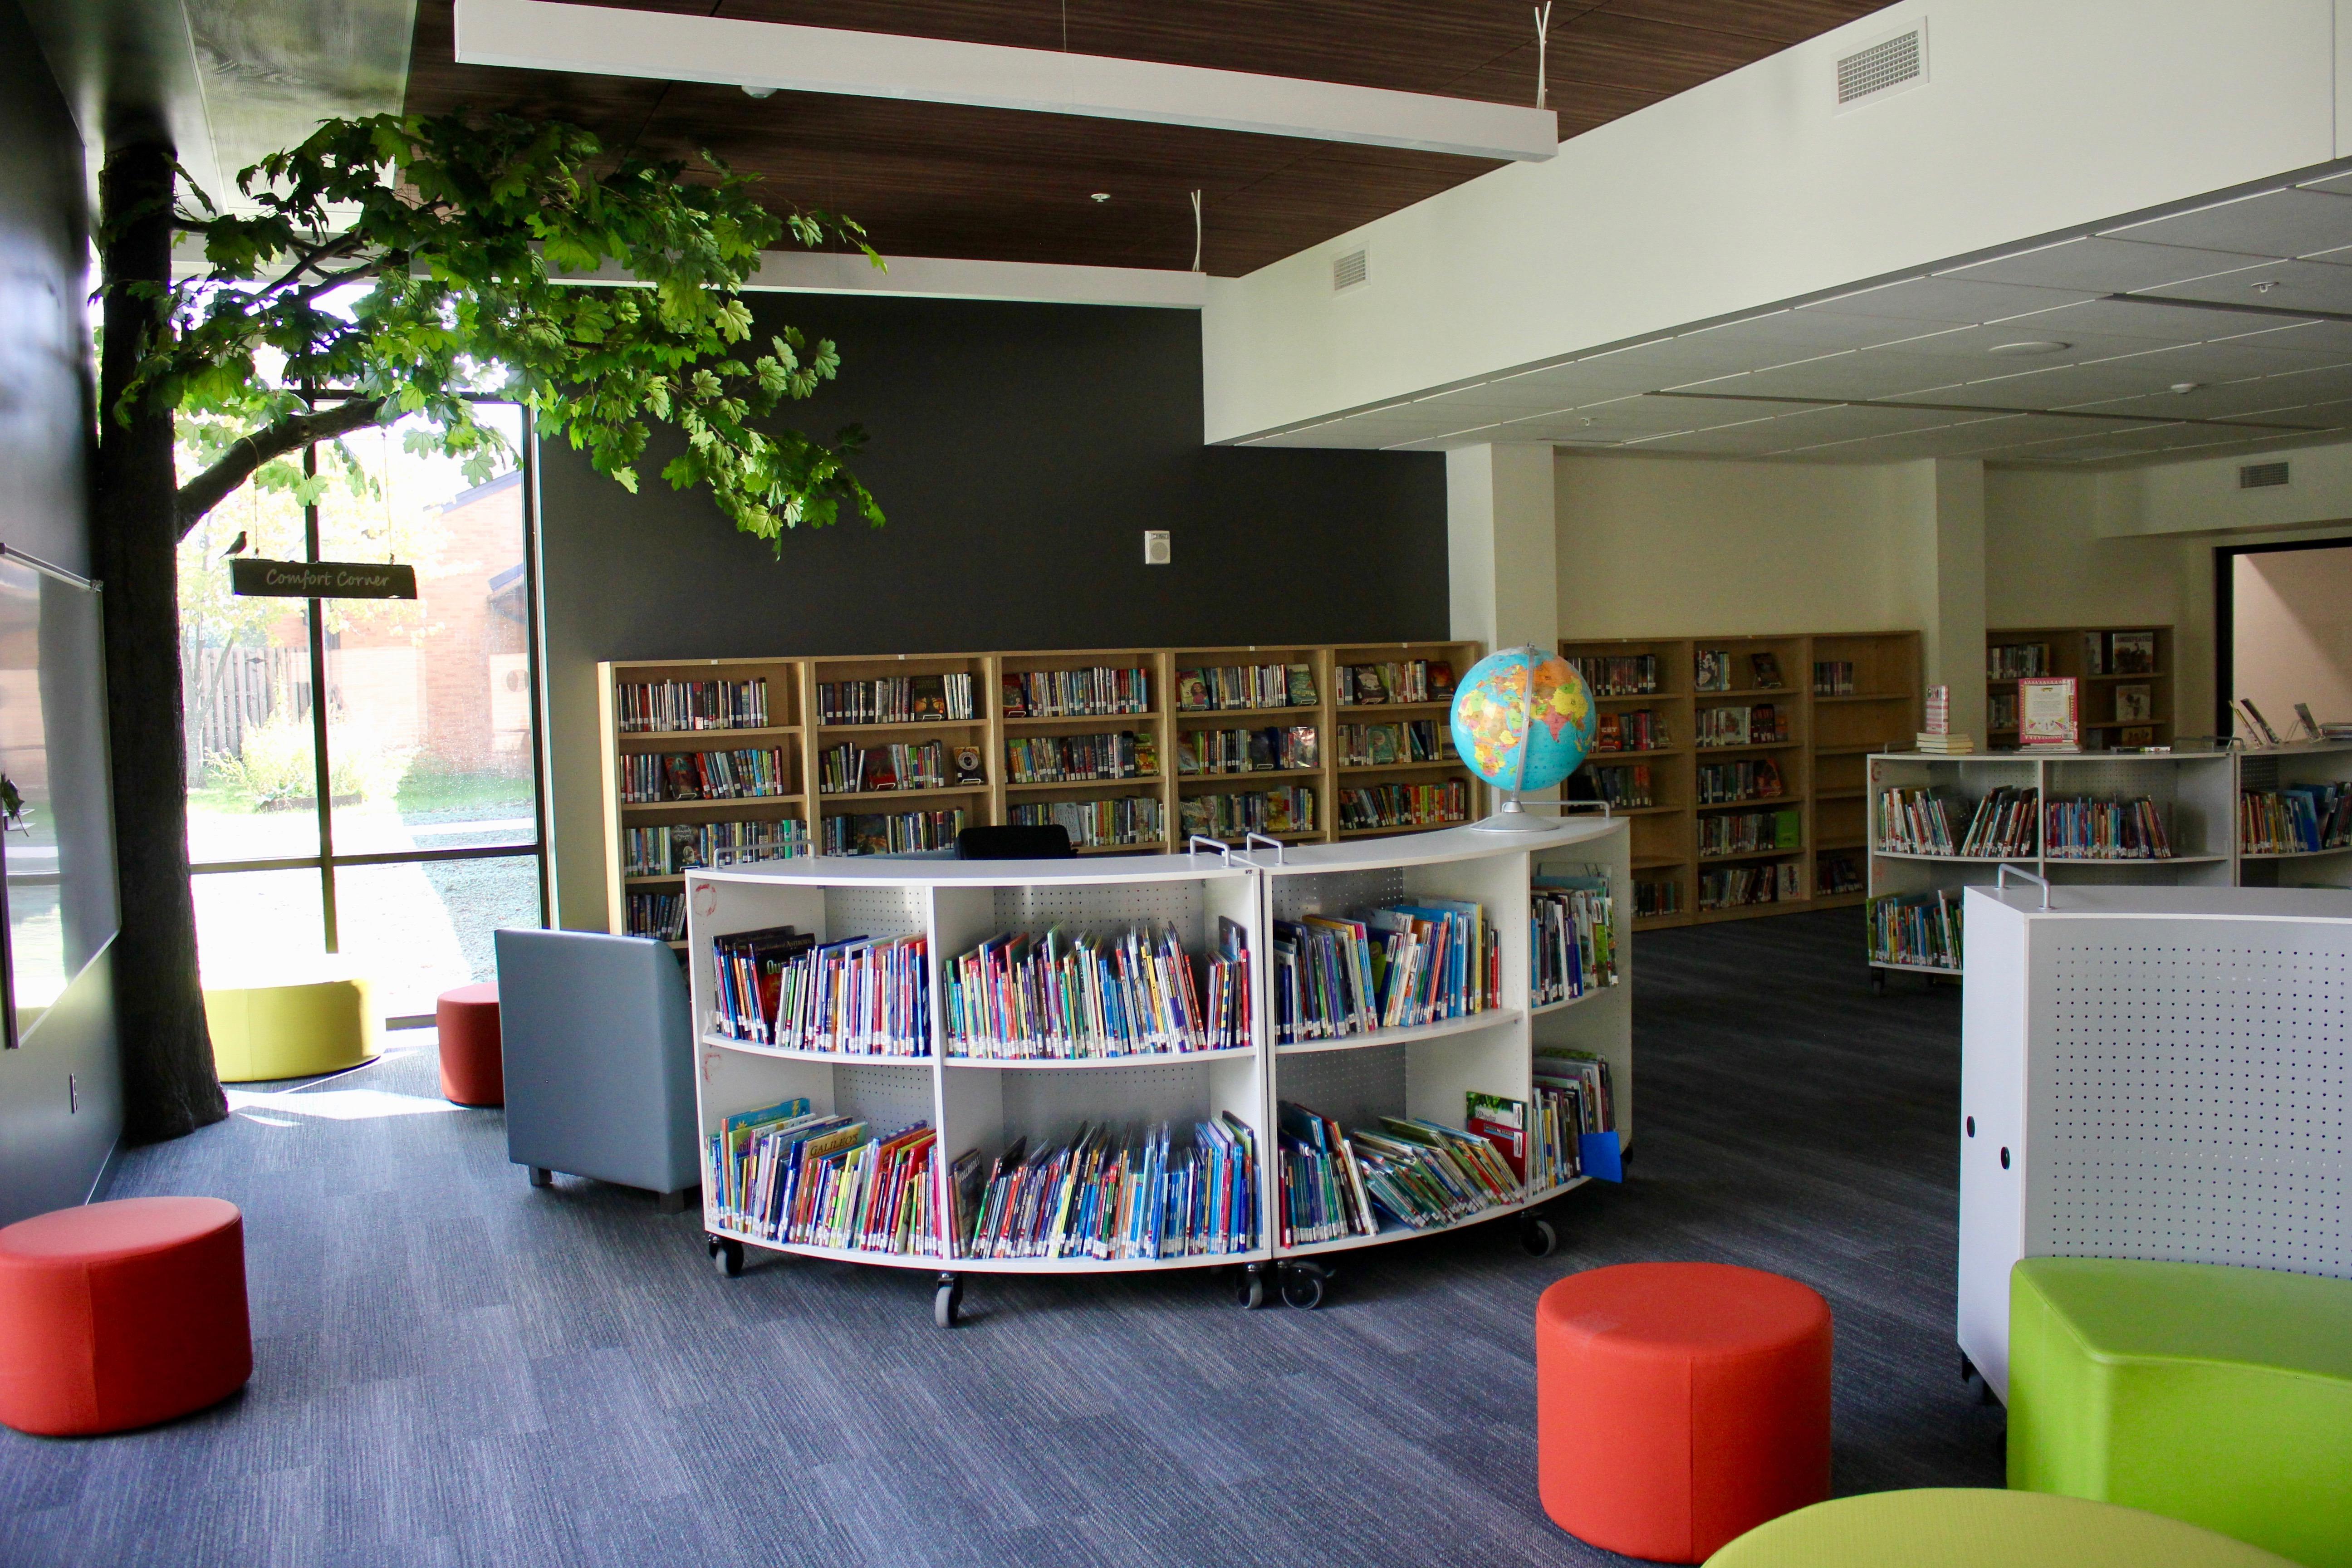 Inside the Tremont Elementary School media center